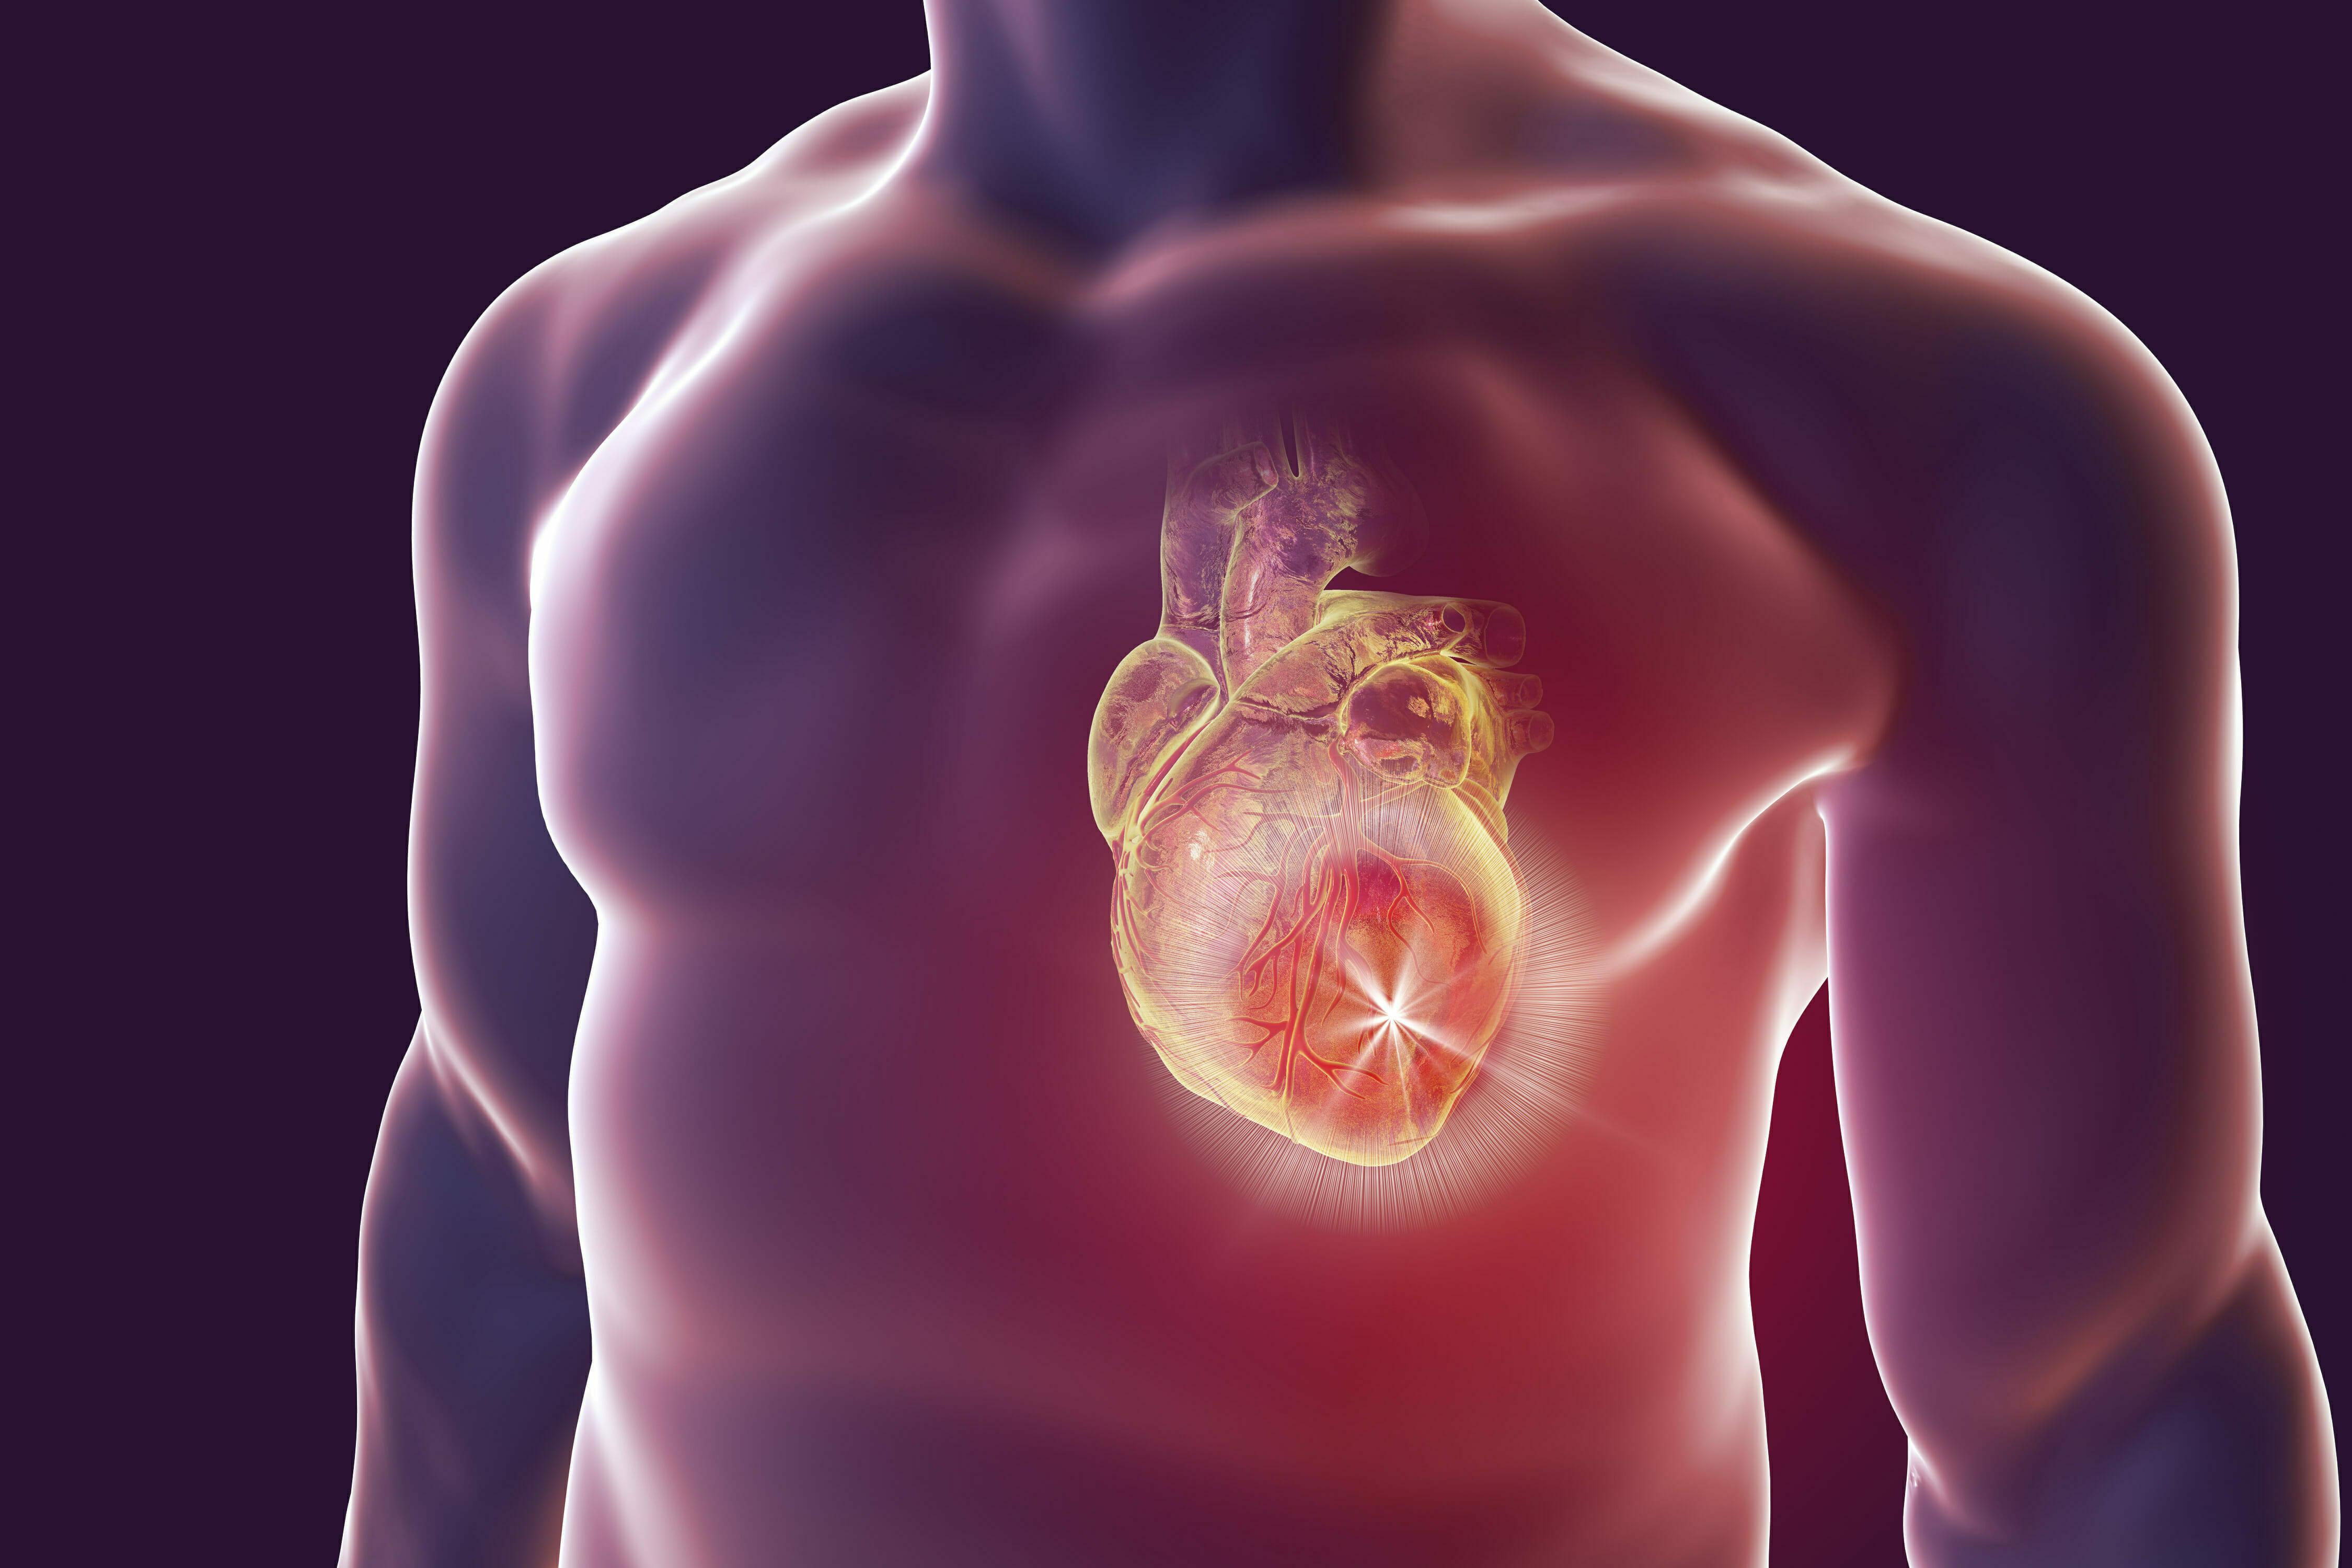 Grafika przedstawia model ciała człowieka, na którym wyraźnie zaznaczone jest serce